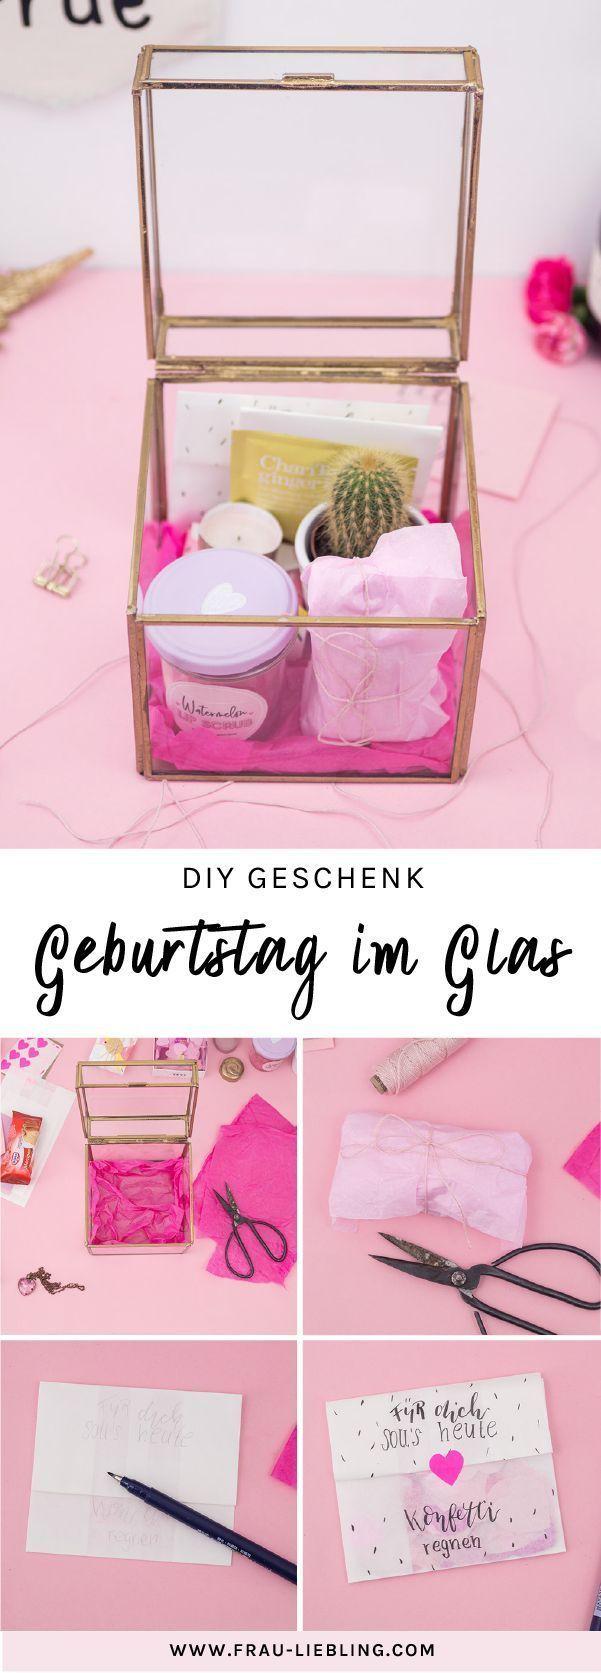 DIY Geschenk: Geburtstag im Glas originell verschenken #kleineweihnachtsgeschenkebasteln